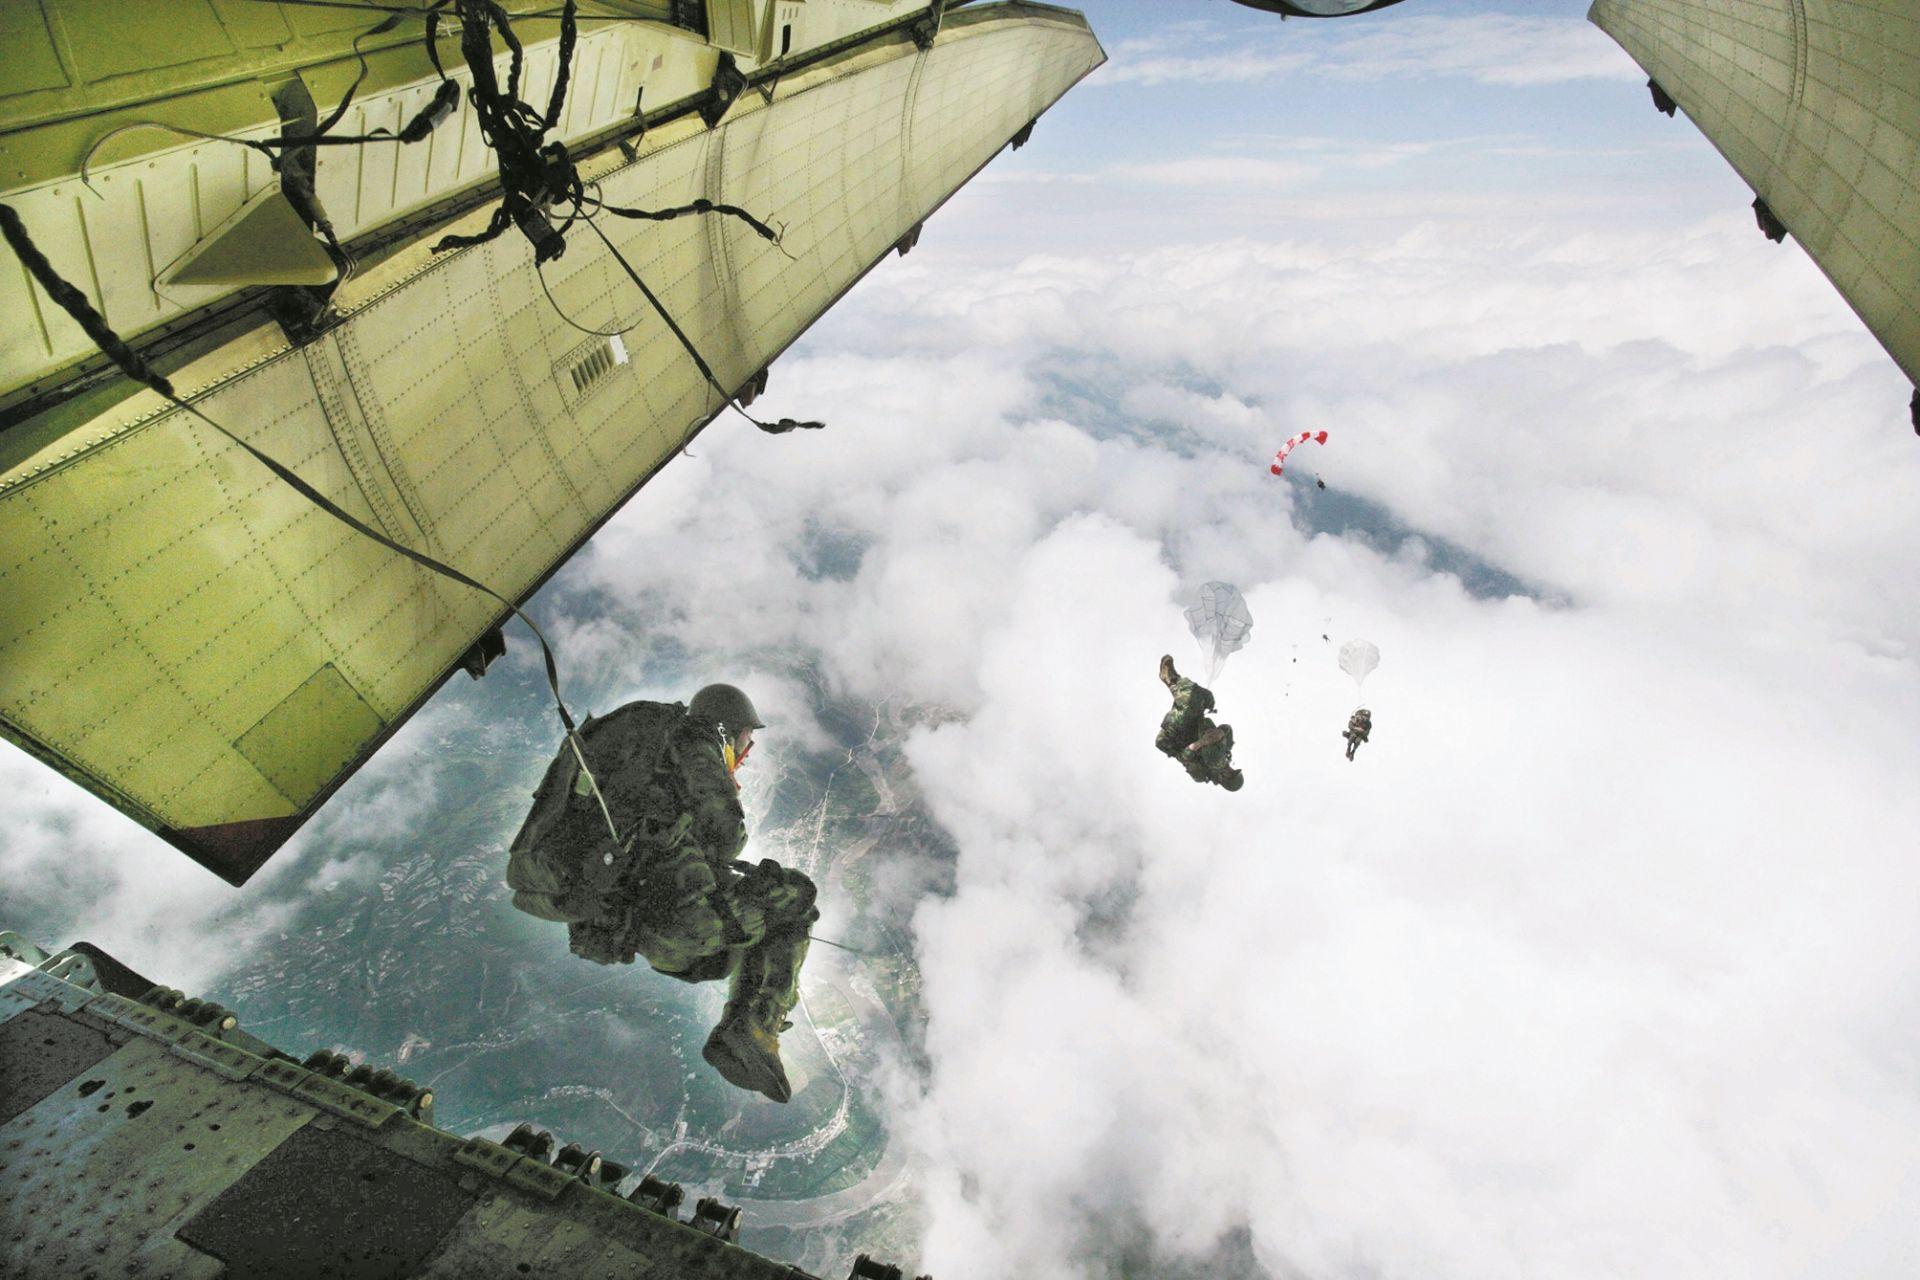 英雄部队16次参加阅兵 曾在上甘岭浴血奋战  曾在茂县上空惊人一跳